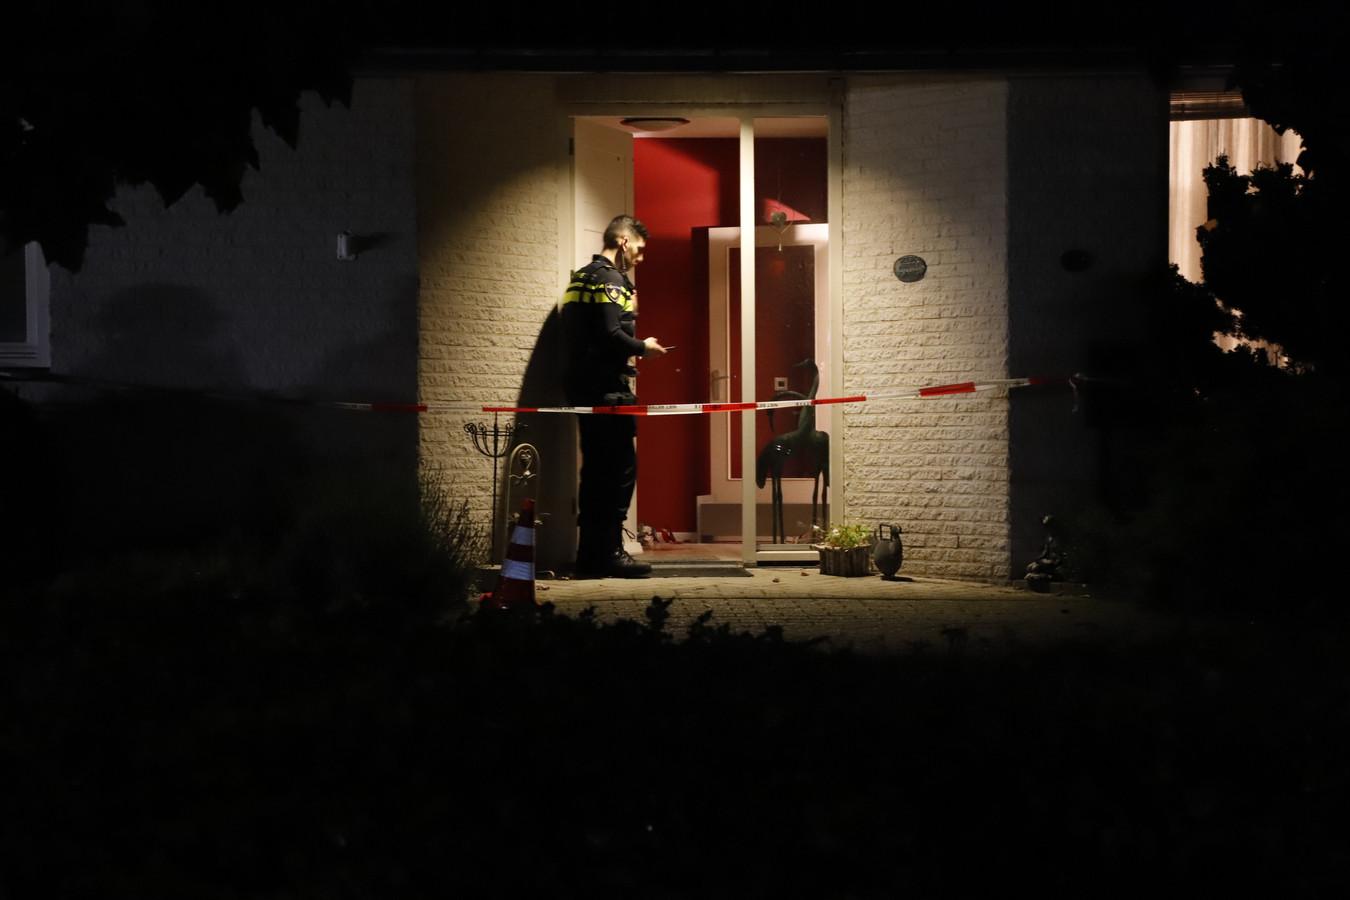 Politie bij de woning in Overloon waar een 16-jarige inbreker de 76-jarige bewoner heeft mishandeld.